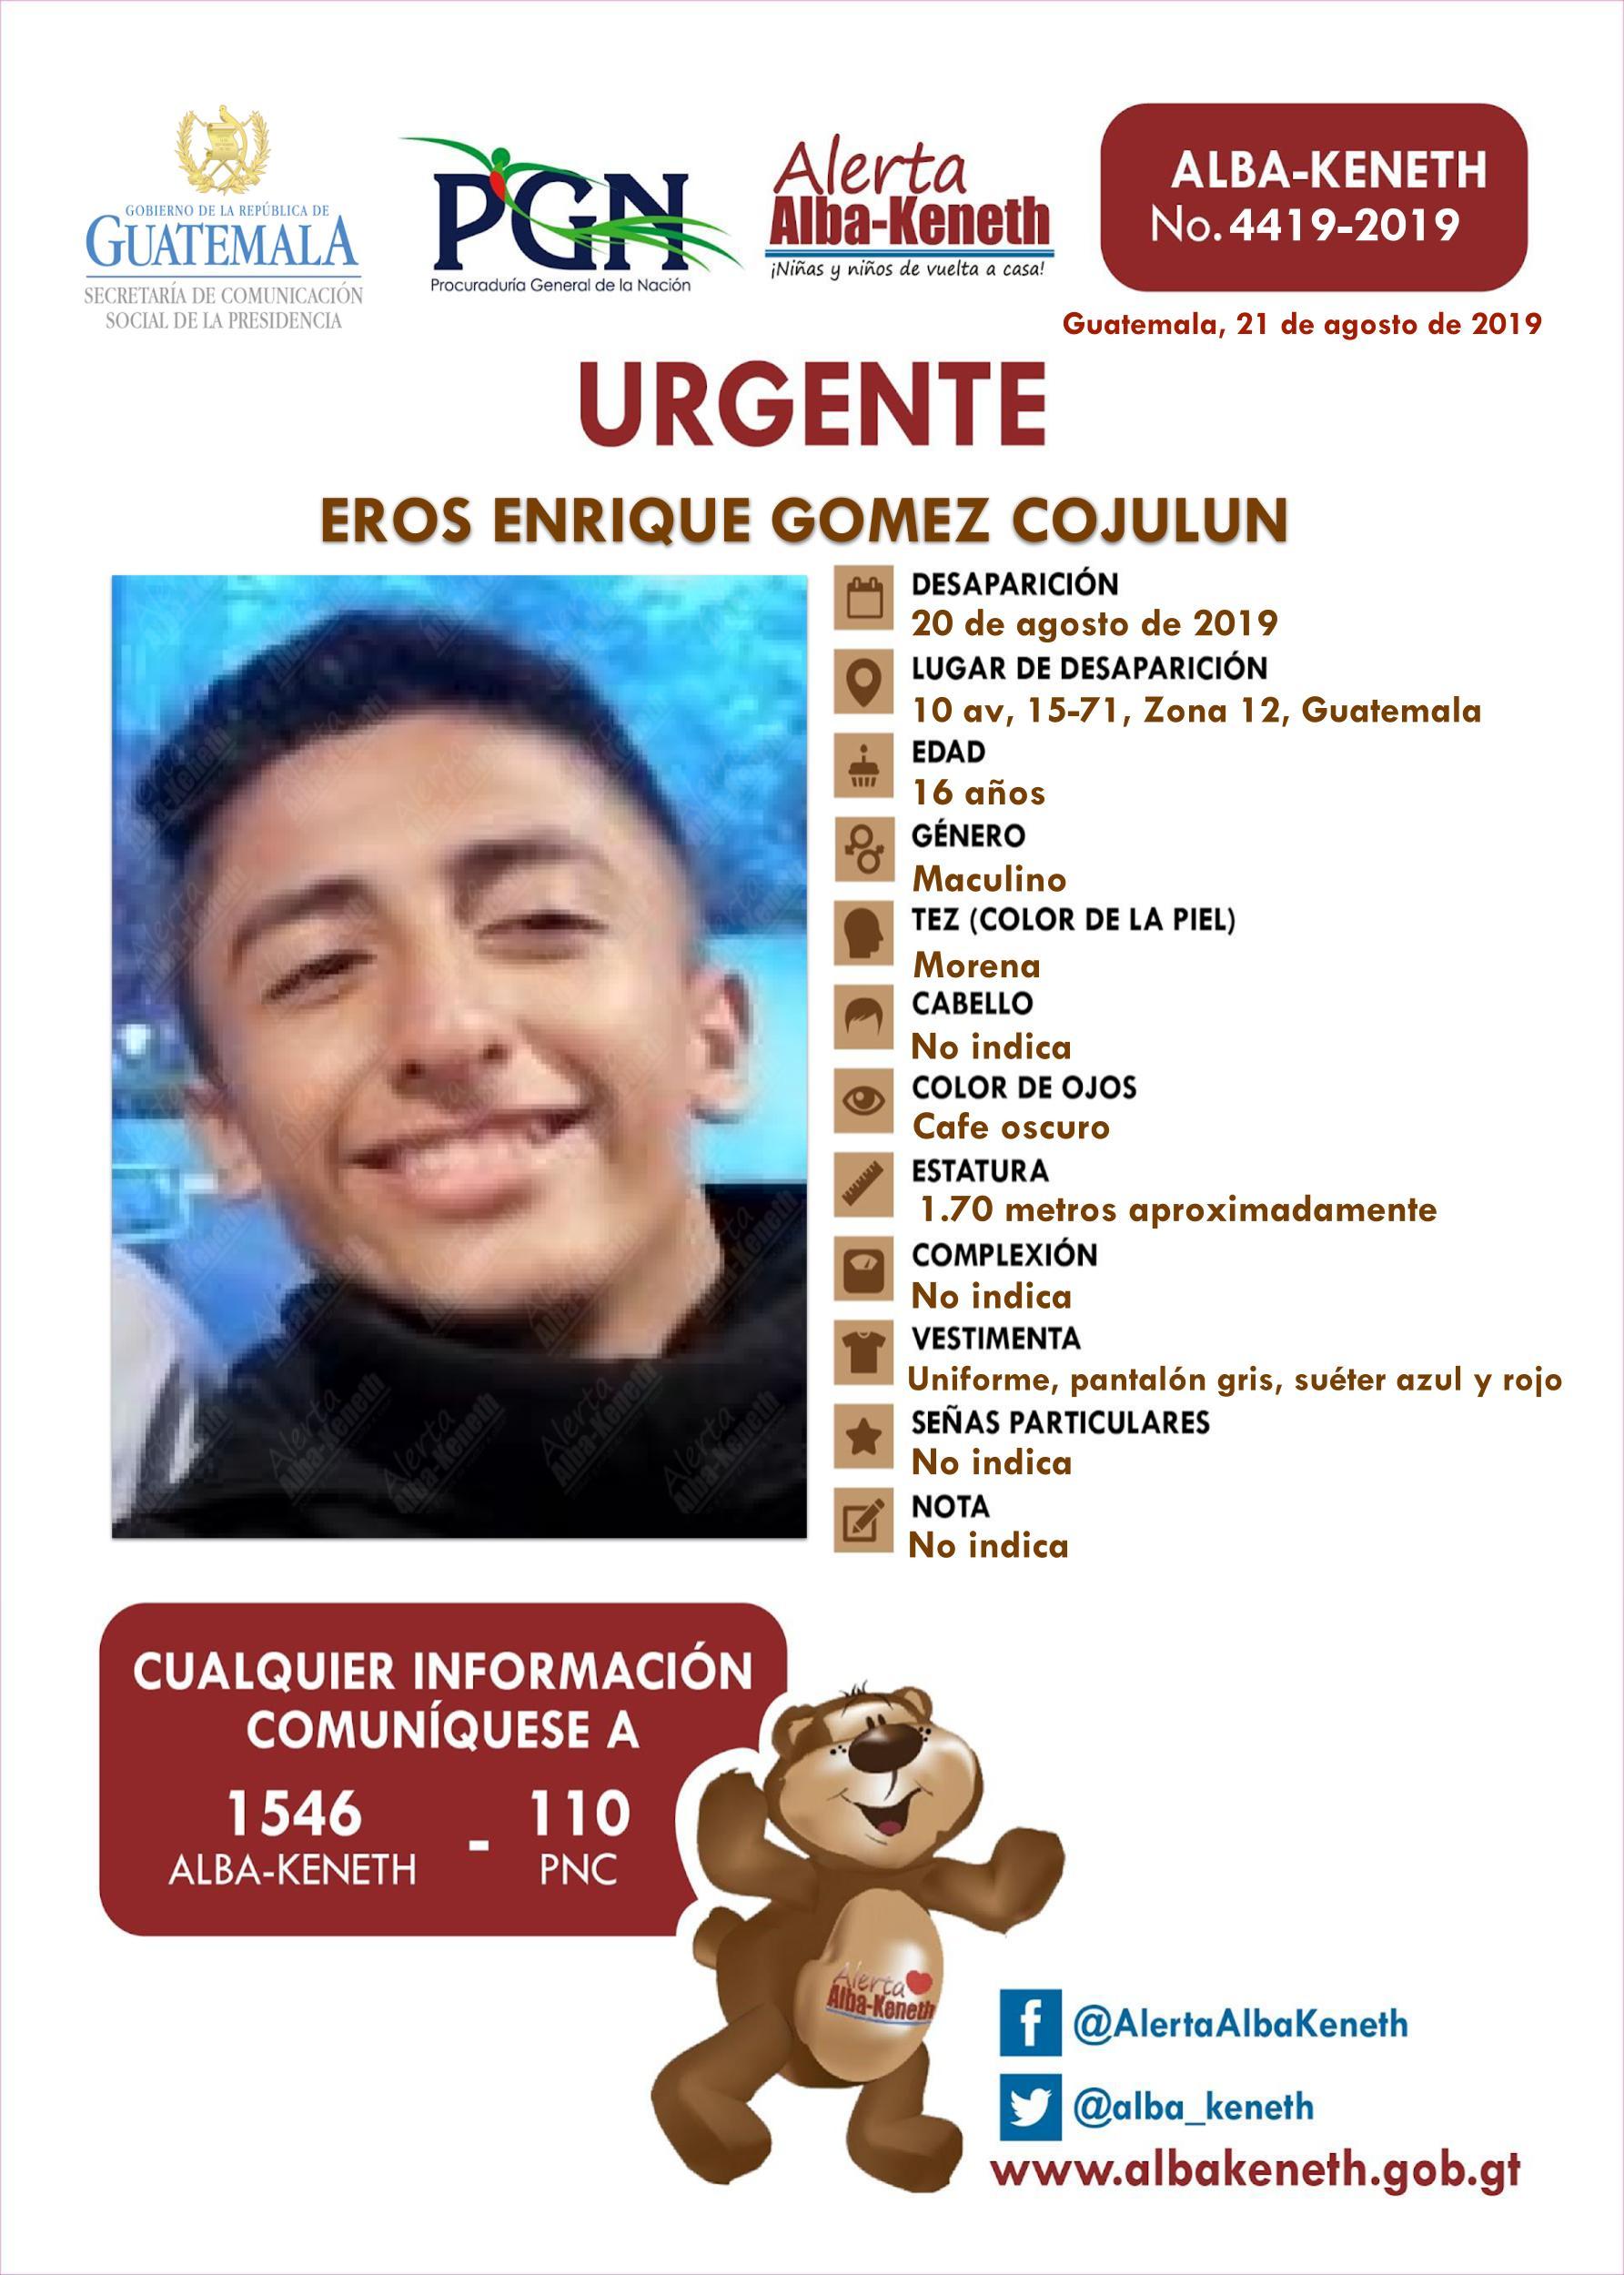 Eros Enrique Gomez Cujulun